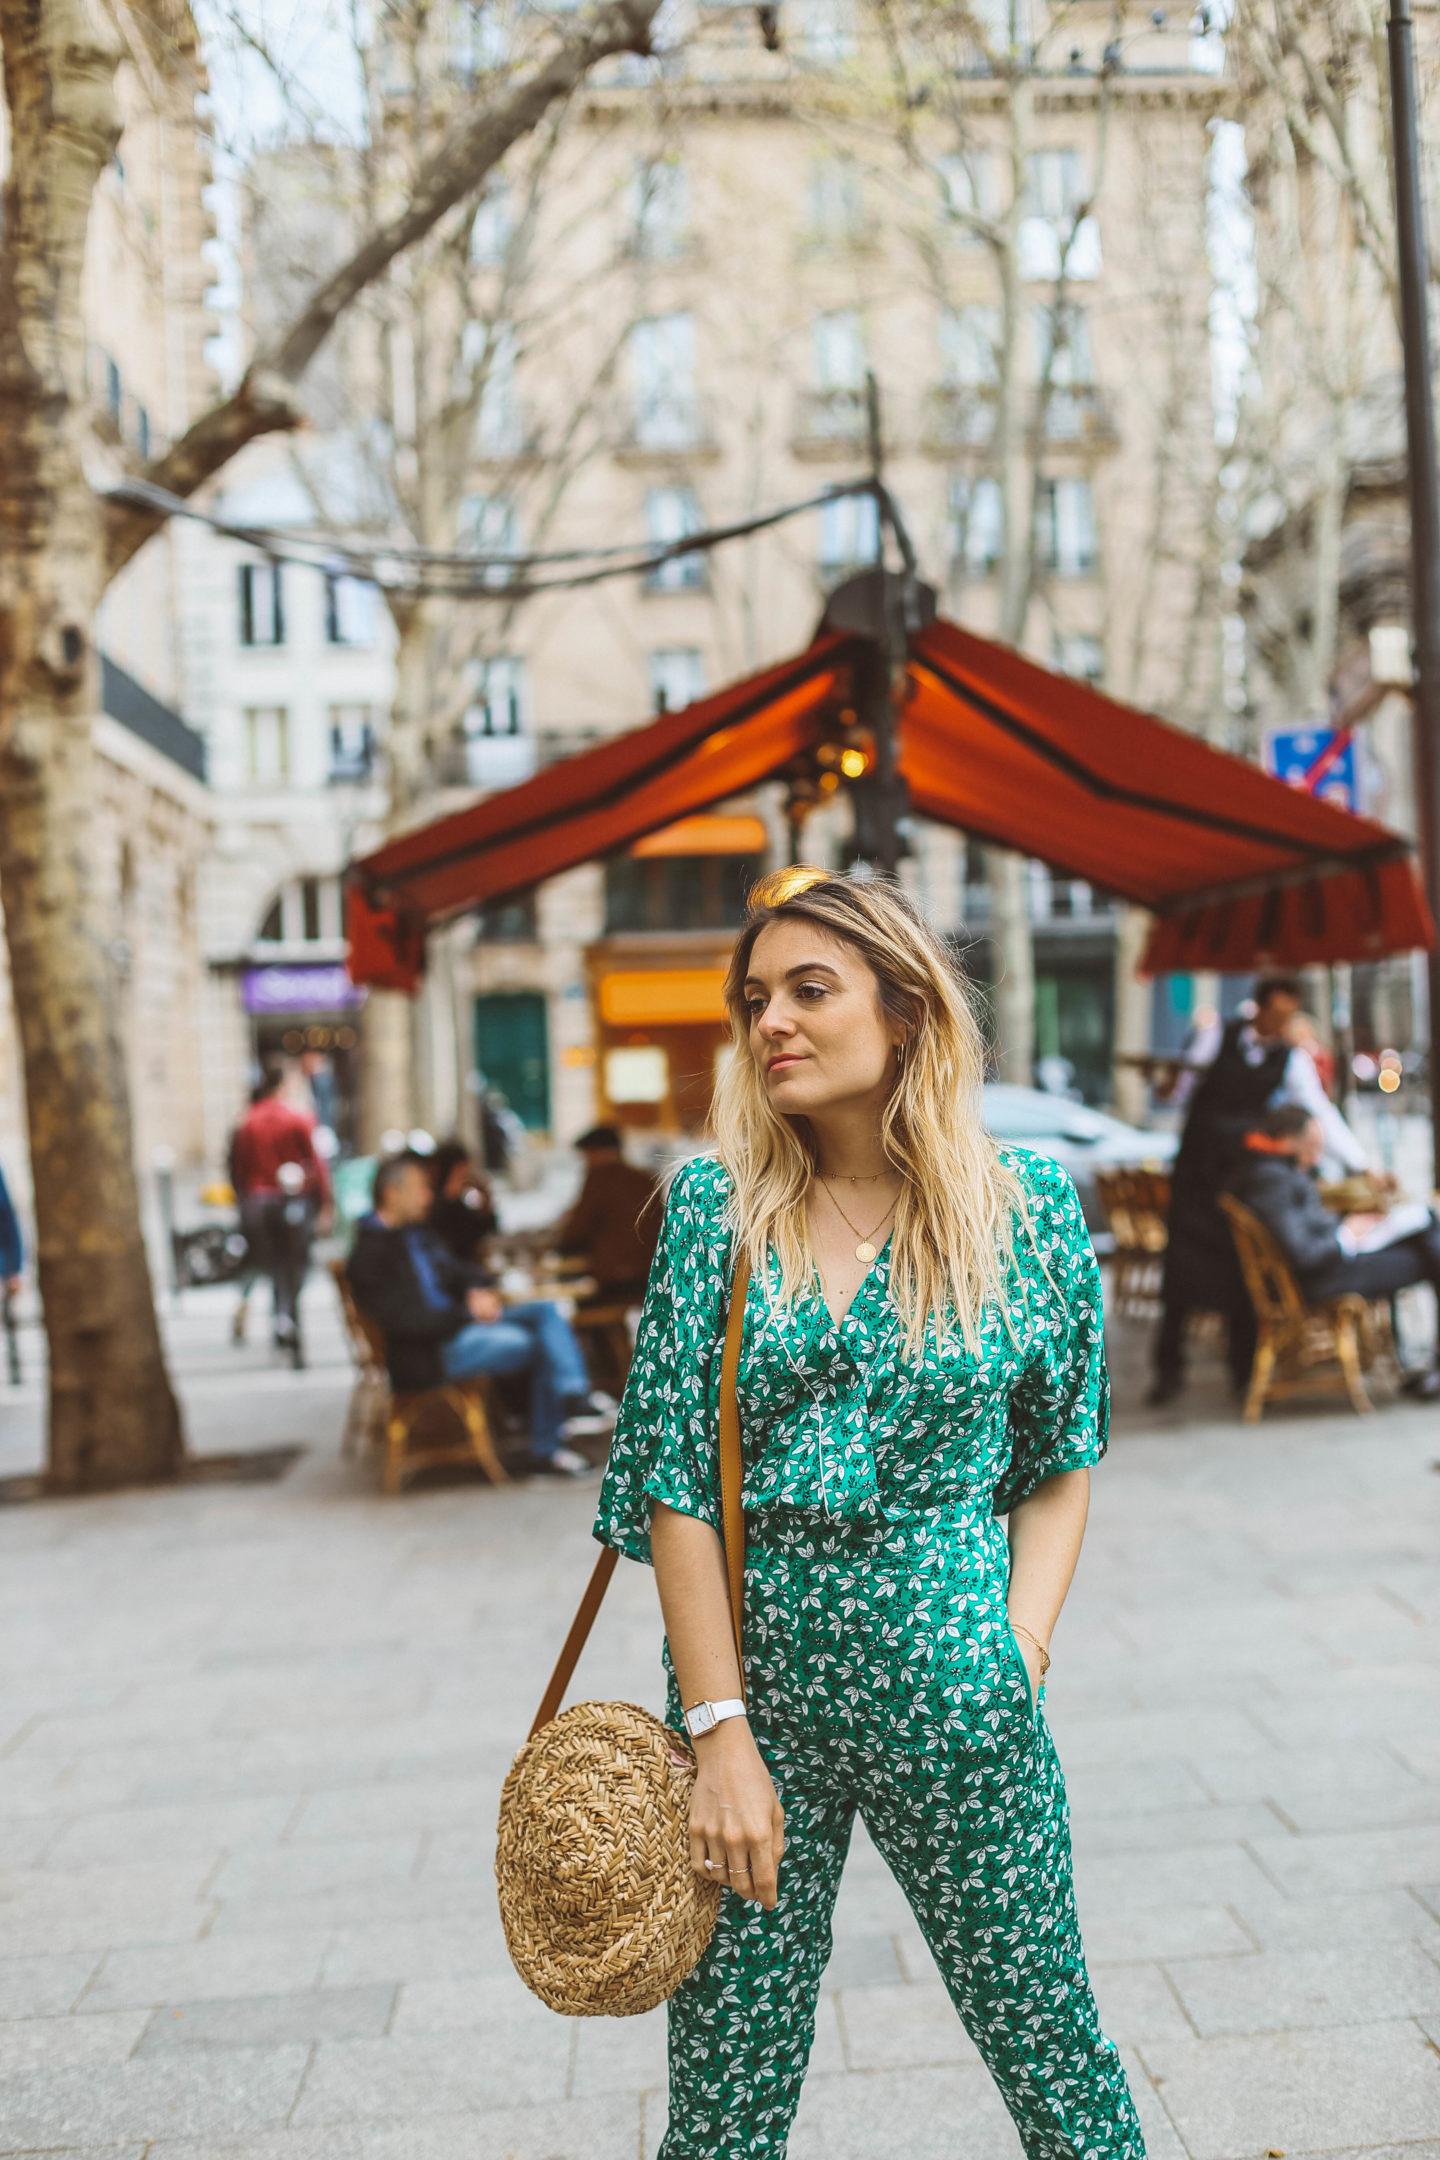 Blog mode Paris - Blondie Baby blog Paris mode et voyages